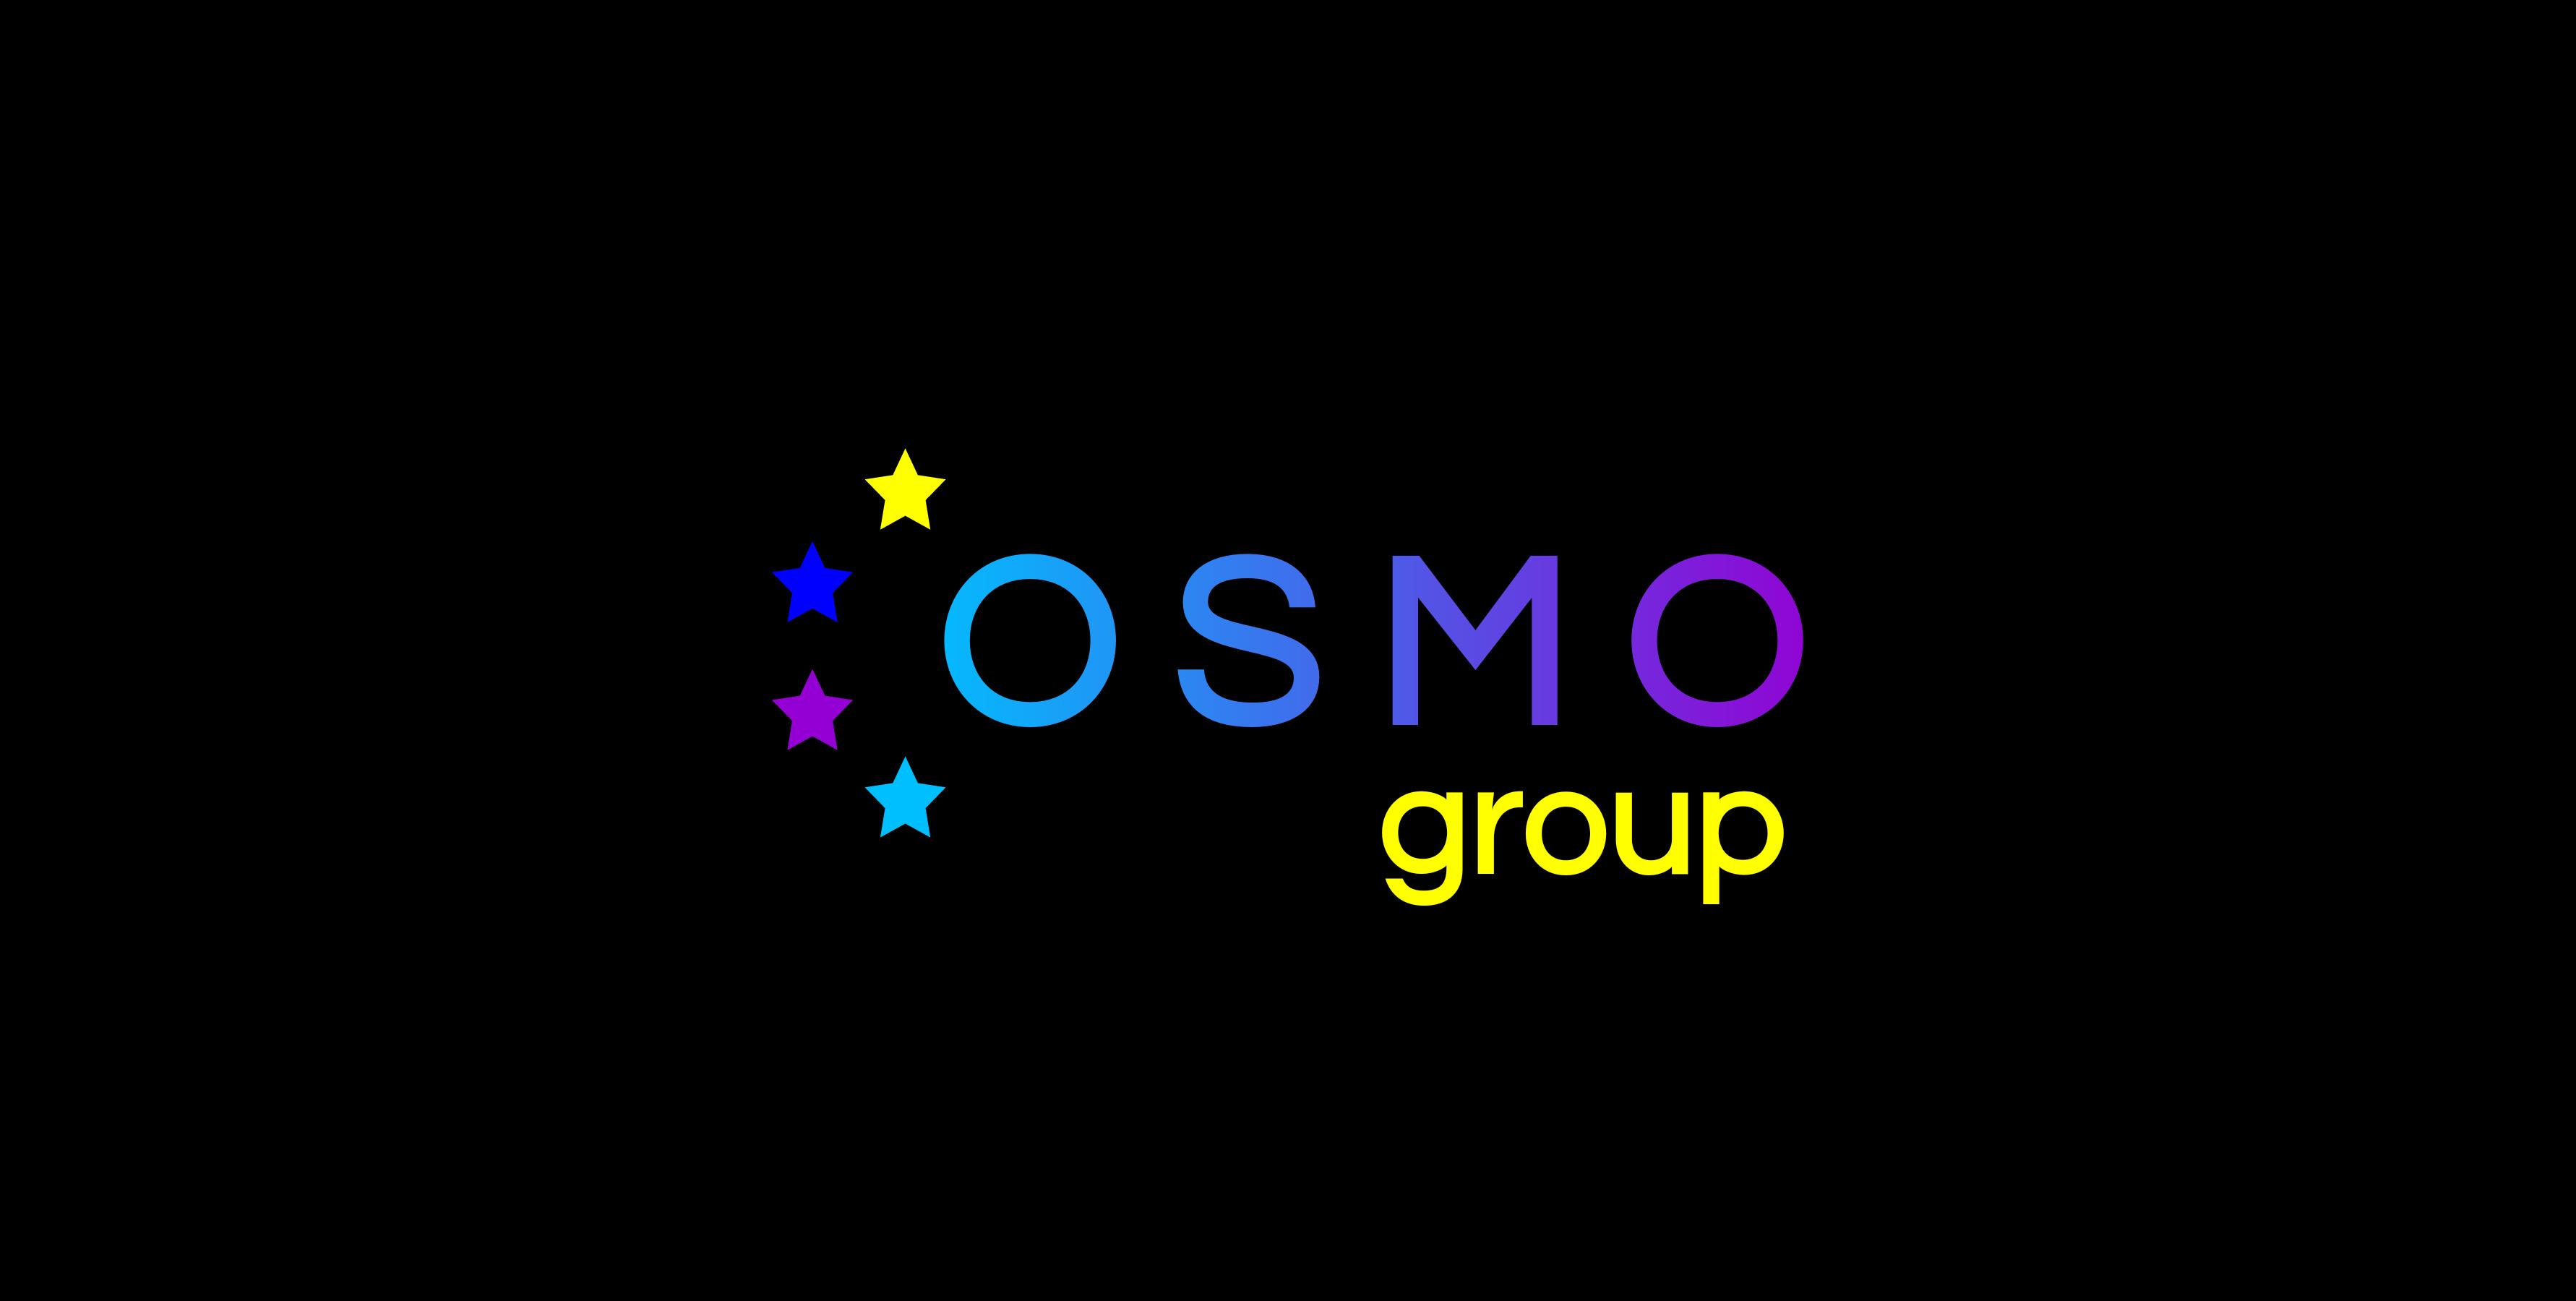 Создание логотипа для строительной компании OSMO group  фото f_38359b6f4935893f.png